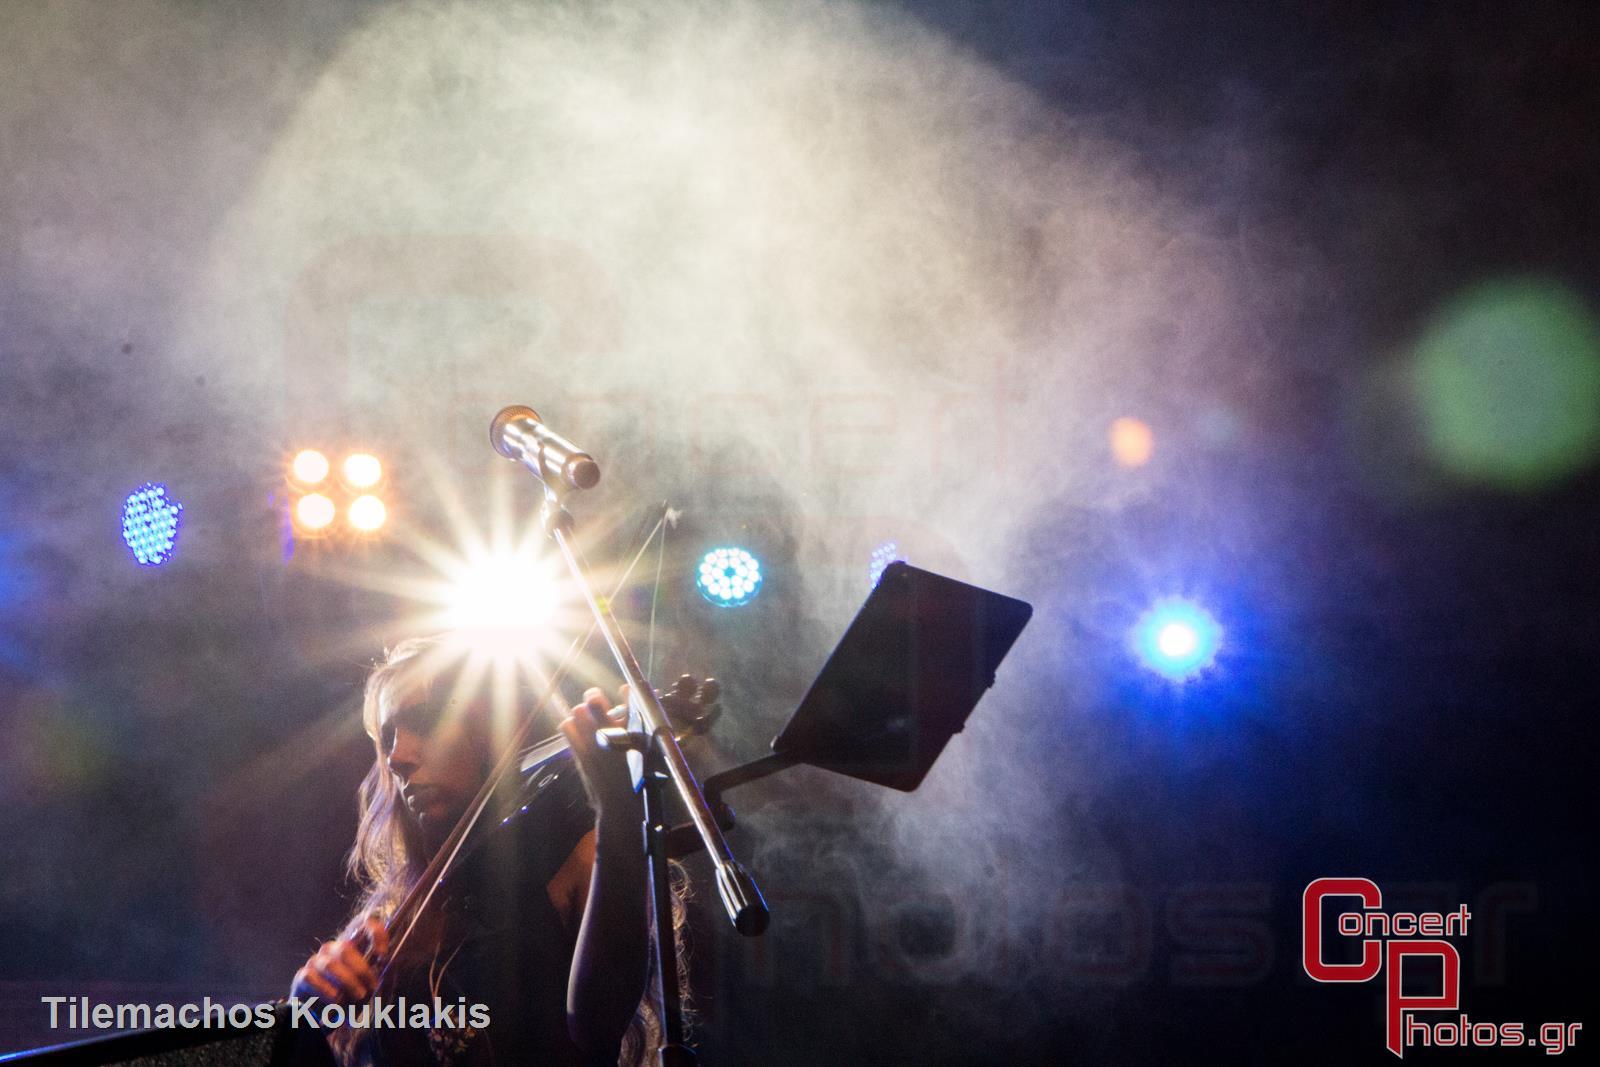 Βασίλης Παπακωνσταντίνου - 40 Χρόνια Έφηβος-Vasilis Papakonstantinou 40 Chronia Efivos photographer: Tilemachos Kouklakis - concertphotos_-4889